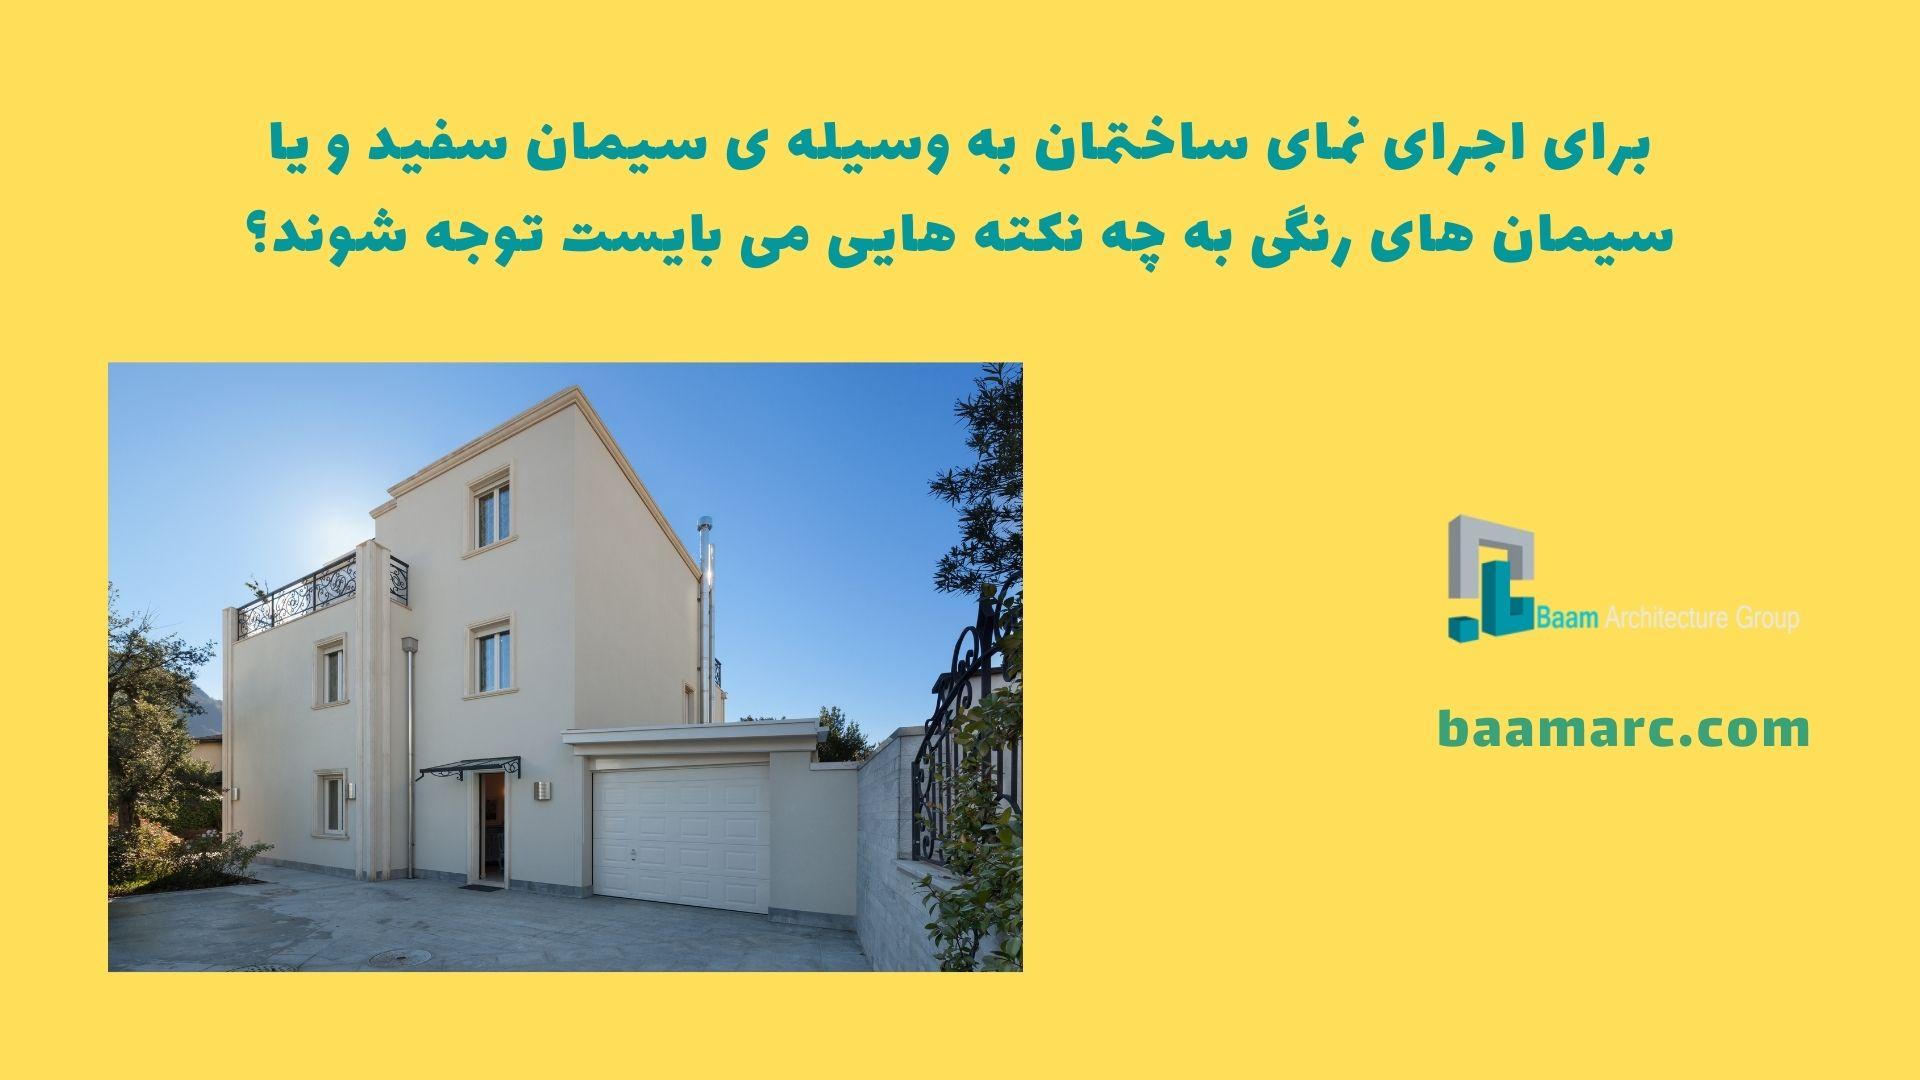 برای اجرای نمای ساختمان به وسیله ی سیمان سفید و یا سیمان های رنگی، به چه نکته هایی می بایست توجه شوند؟